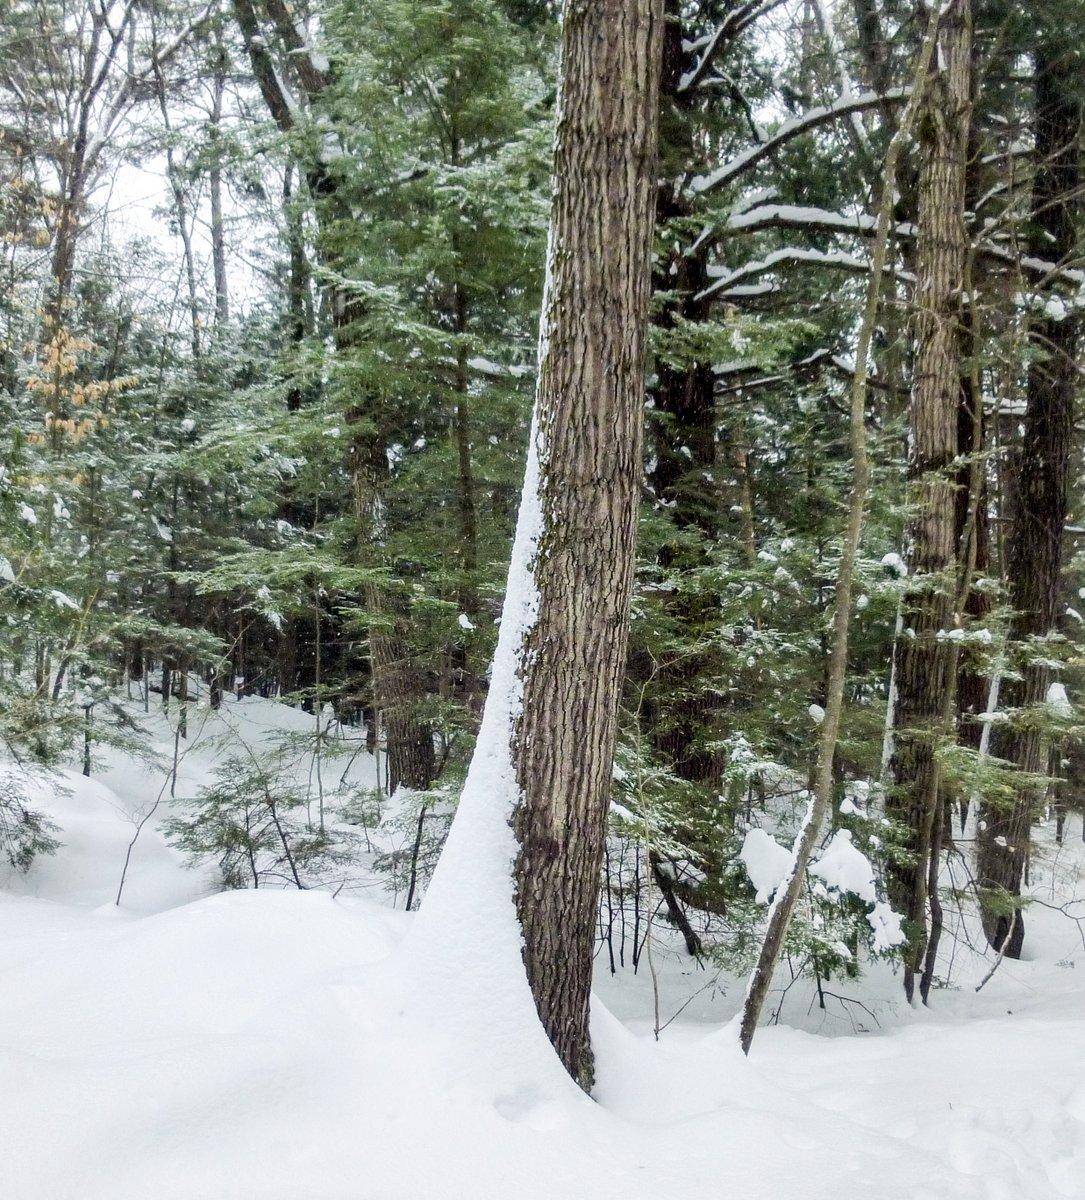 8. Wind Blown Snow